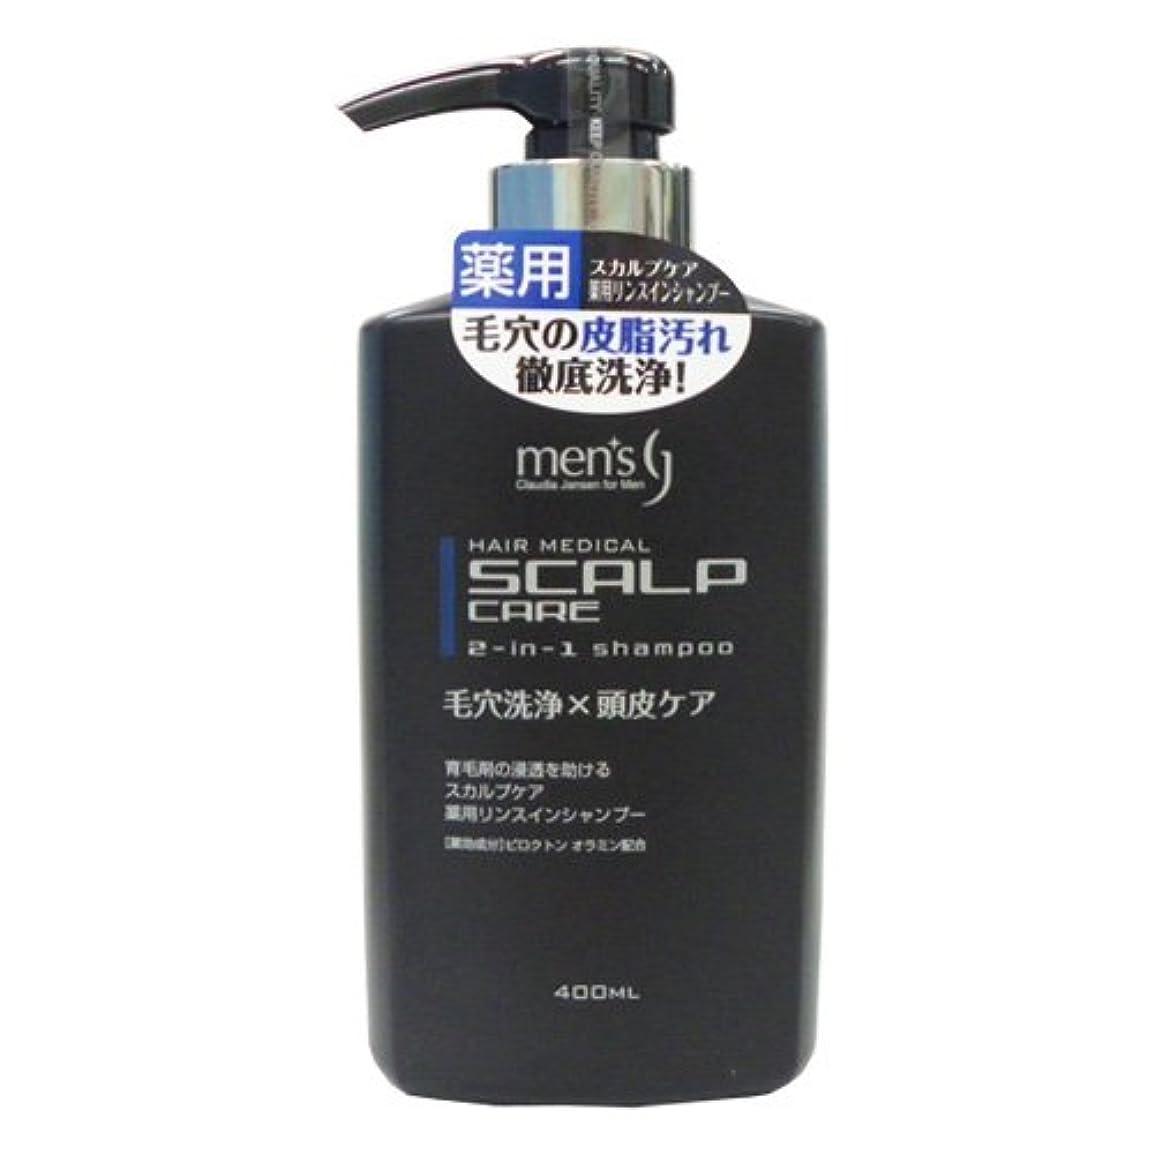 明らかにするスクランブルスカリースカルプケア薬用リンスインシャンプー 400ml 毛穴洗浄×頭皮ケア